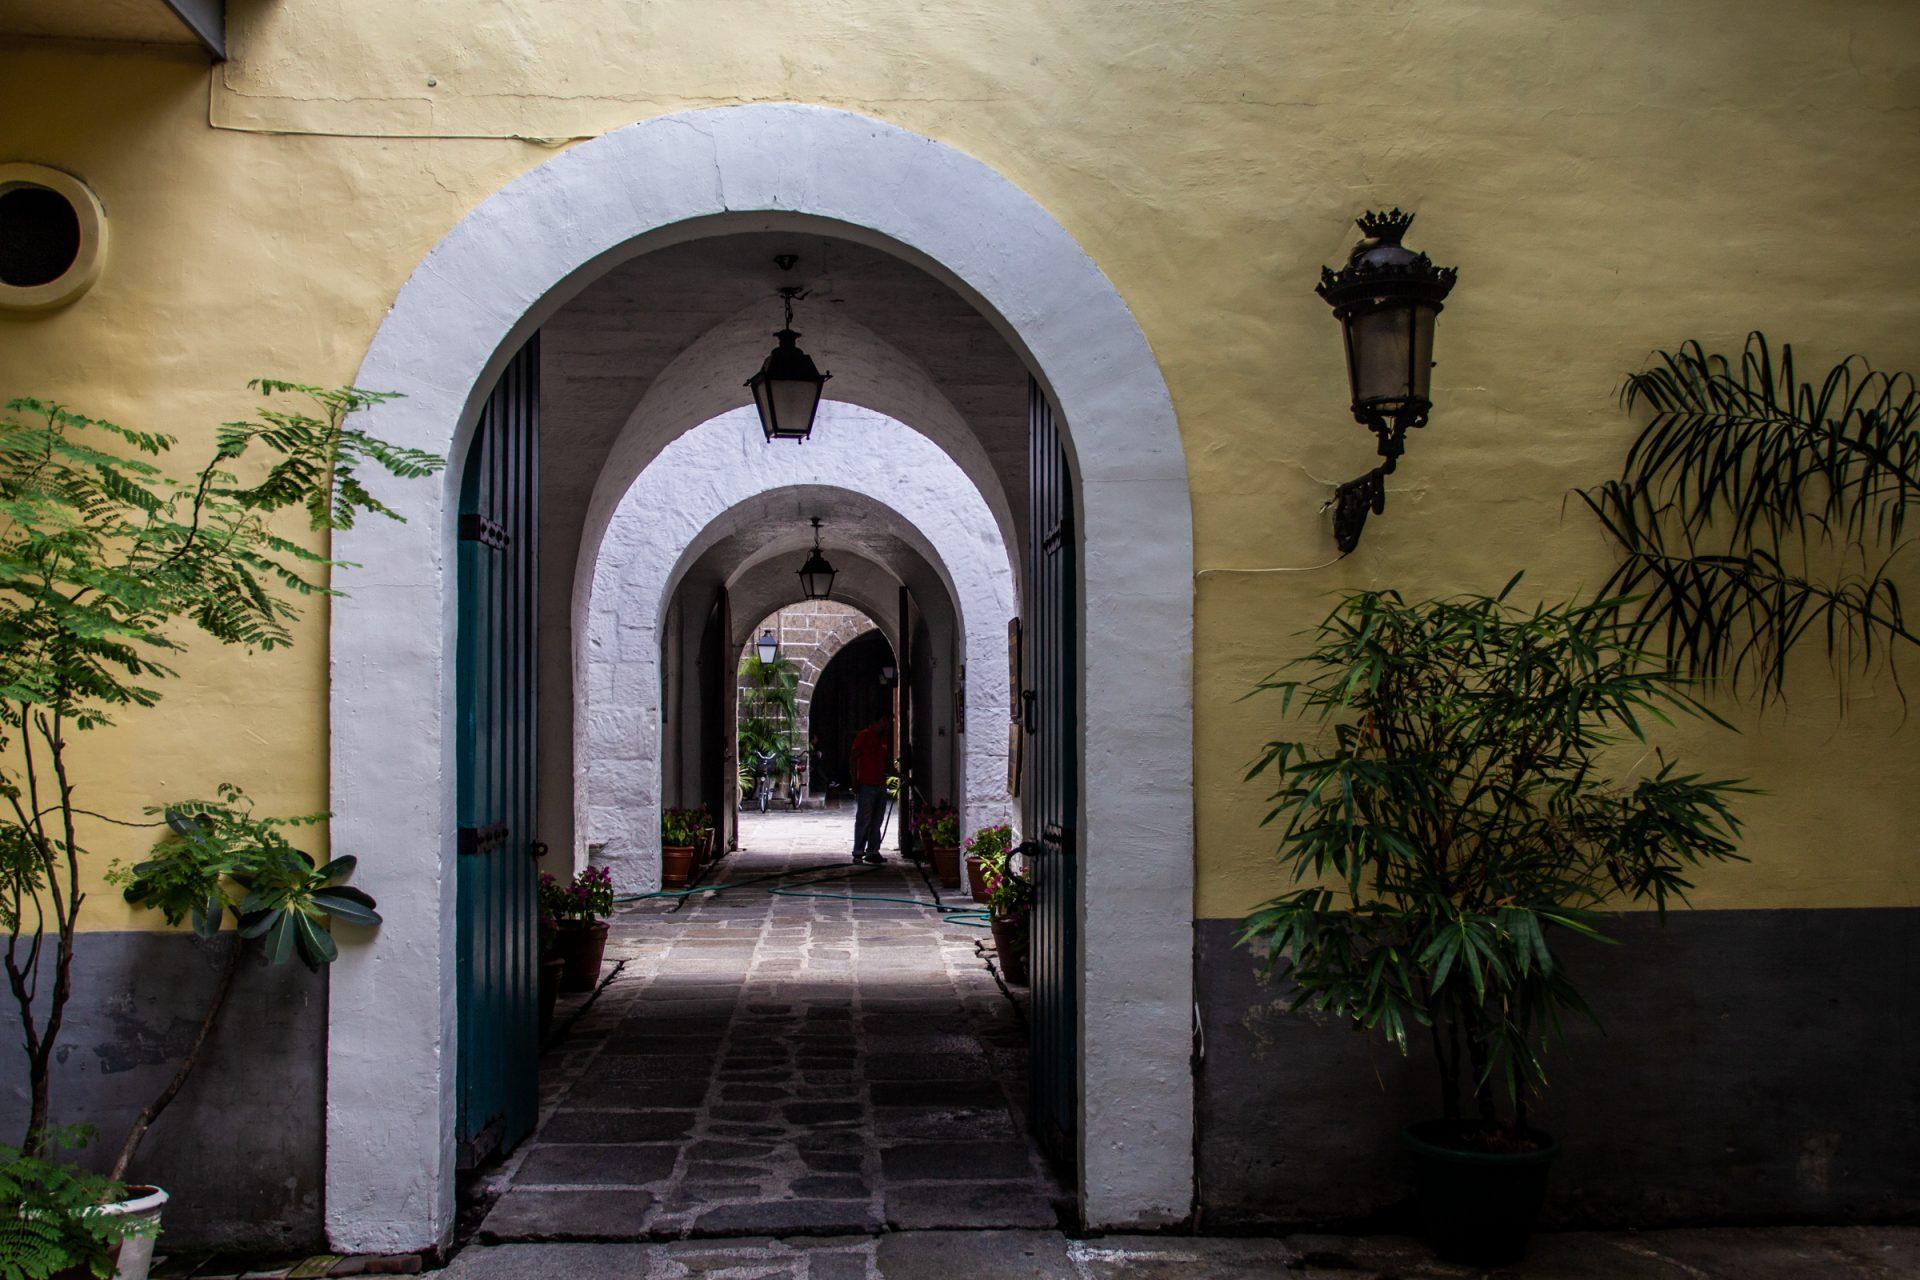 Open Doorways In A Row